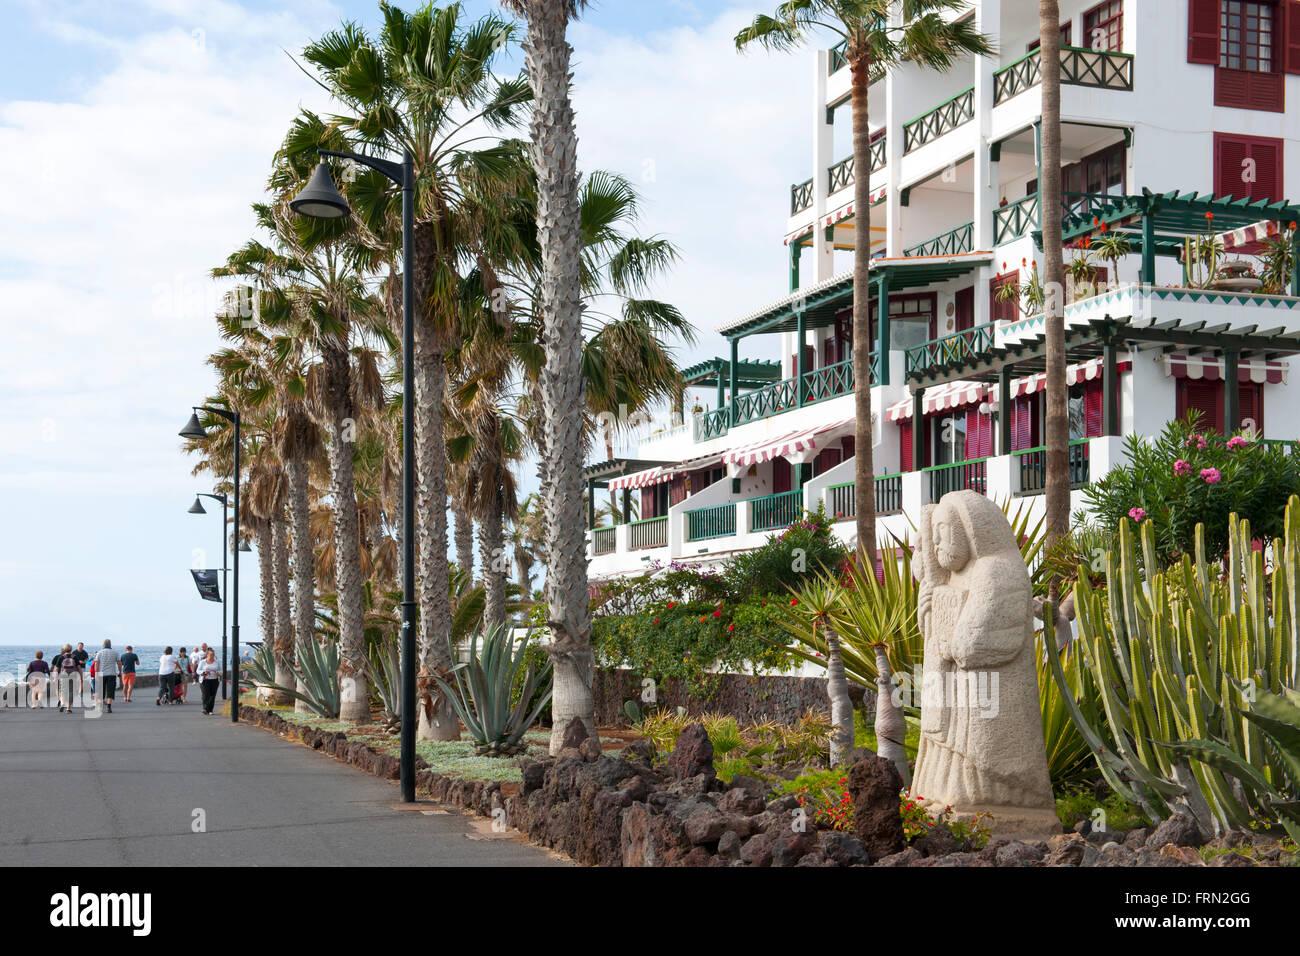 Spanien, Teneriffa, Playa de las Americas, Strandpromenade und Apartments Parque Santiago IV an der Avenida de Rafael - Stock Image